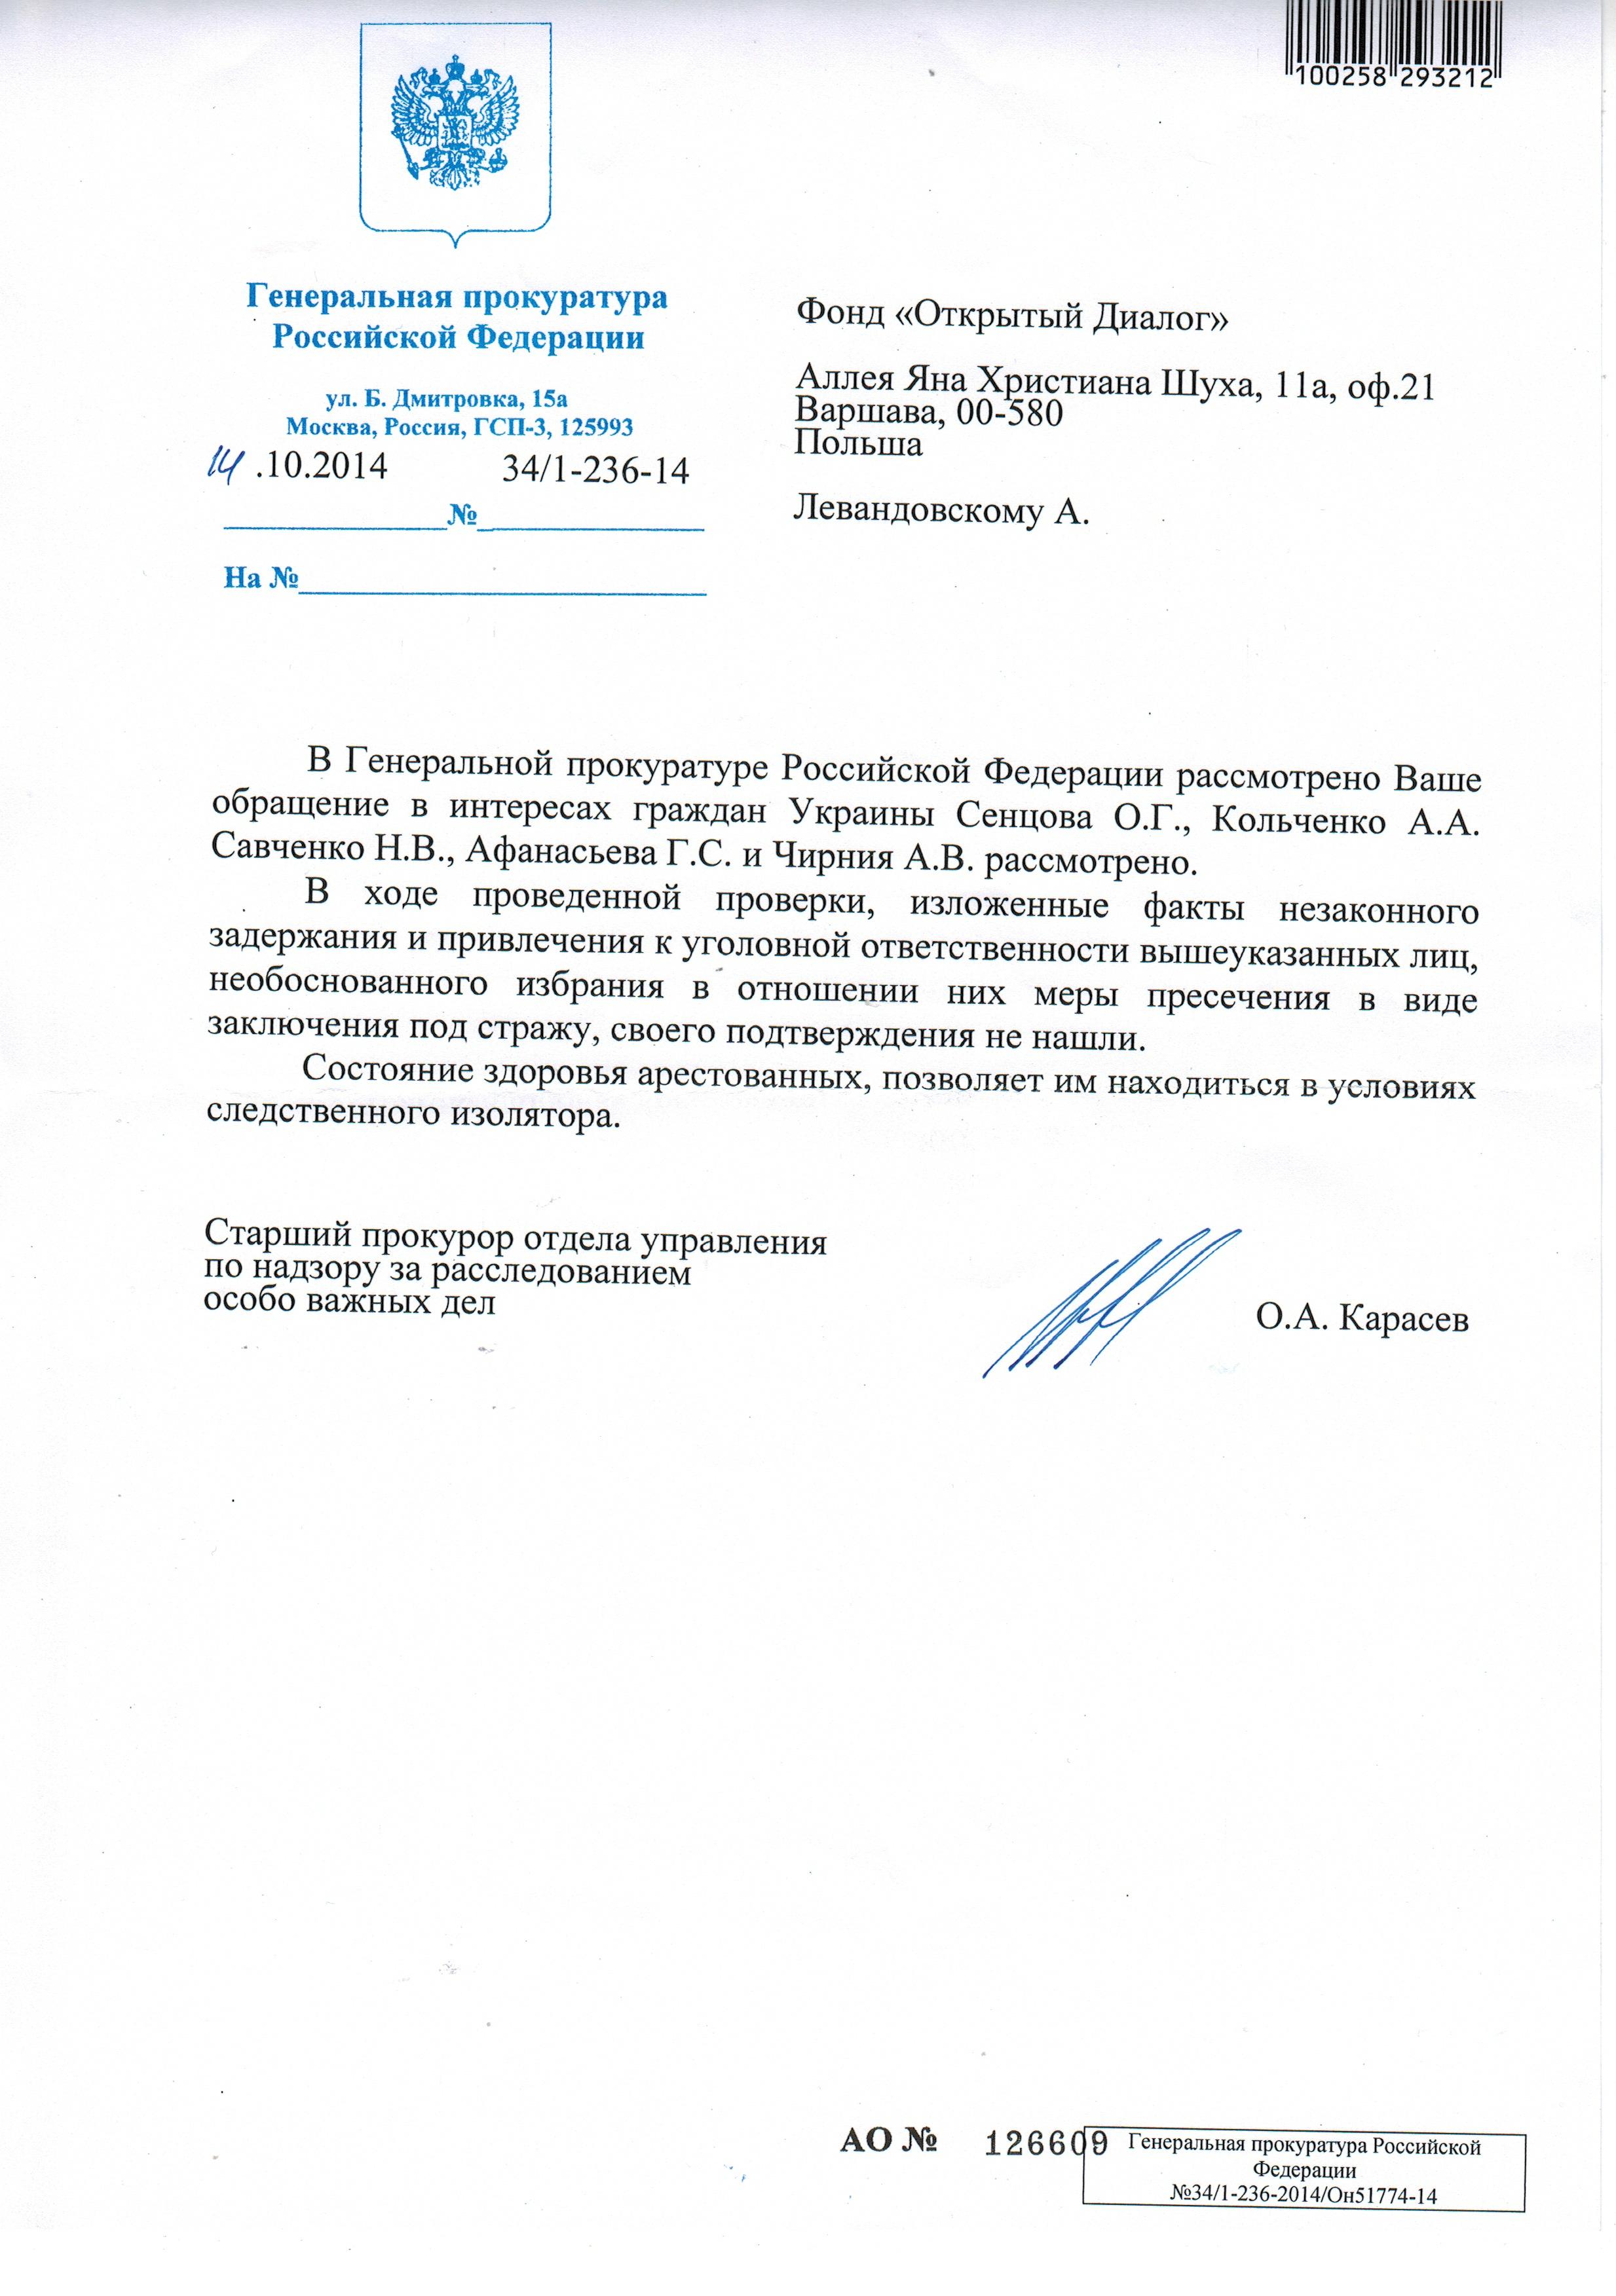 Відповідь російської влади Фундації «Відкритий Діалог»